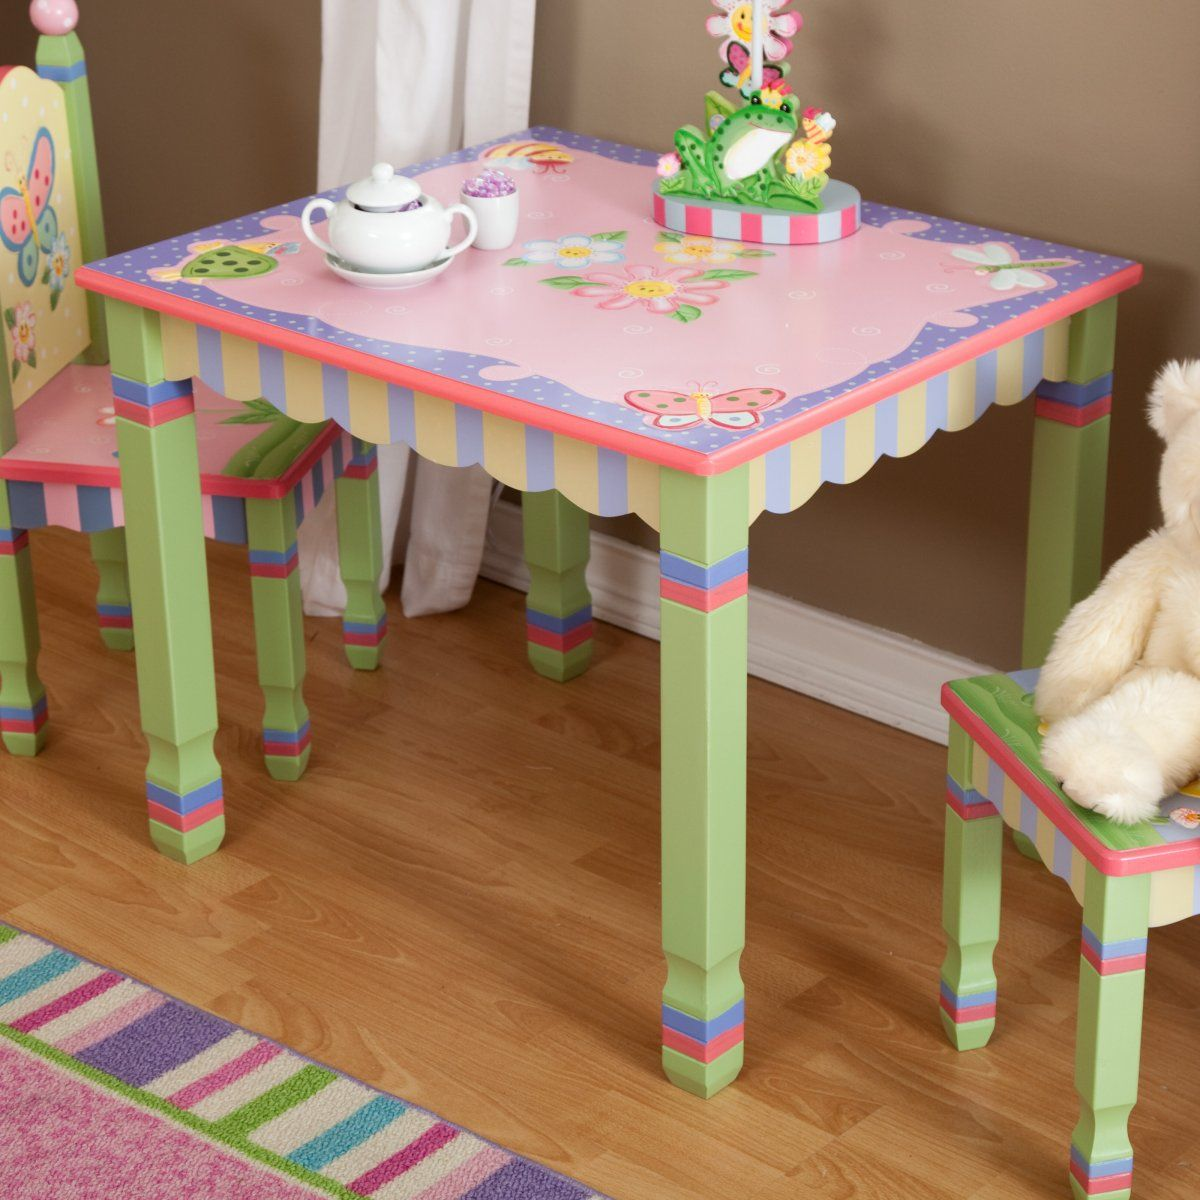 Magic Garden Table And Chair Set: Magic Garden Table And Chair Set